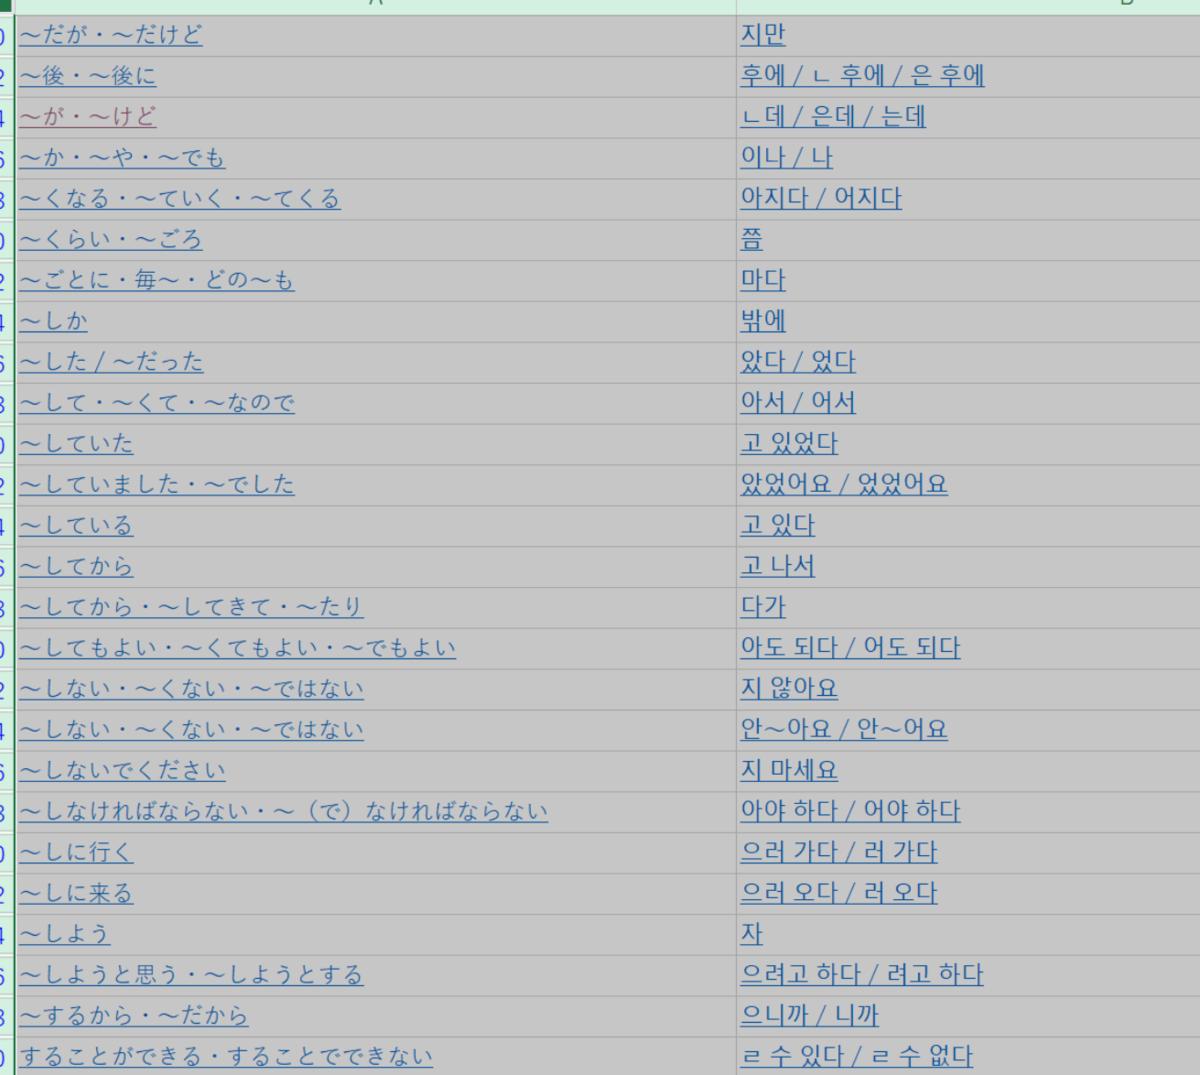 f:id:Big_iris:20210323223130p:plain